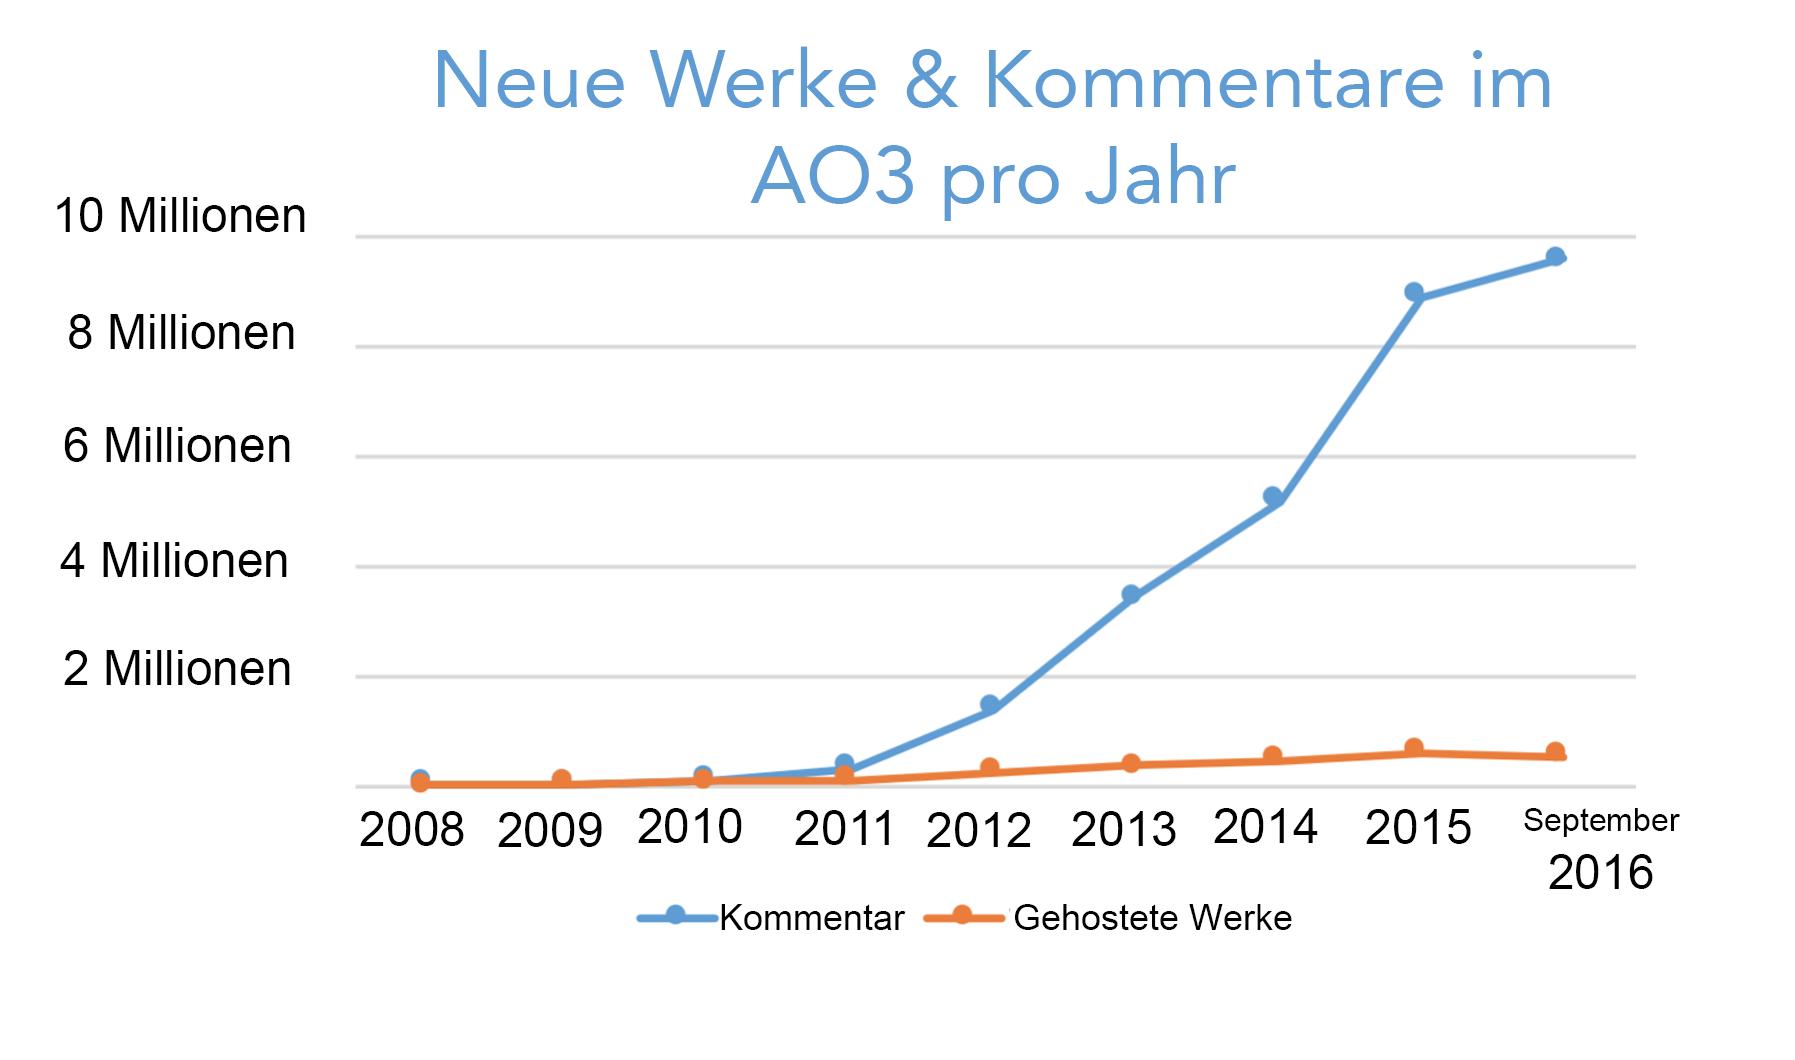 Wachstumskurve der jährlich im AO3 erstellten Werke und Kommentare, beginnend mit Null im Jahr 2008 auf über 500.000 Werke und 9,5 Millionen Kommentare allein in diesem Jahr